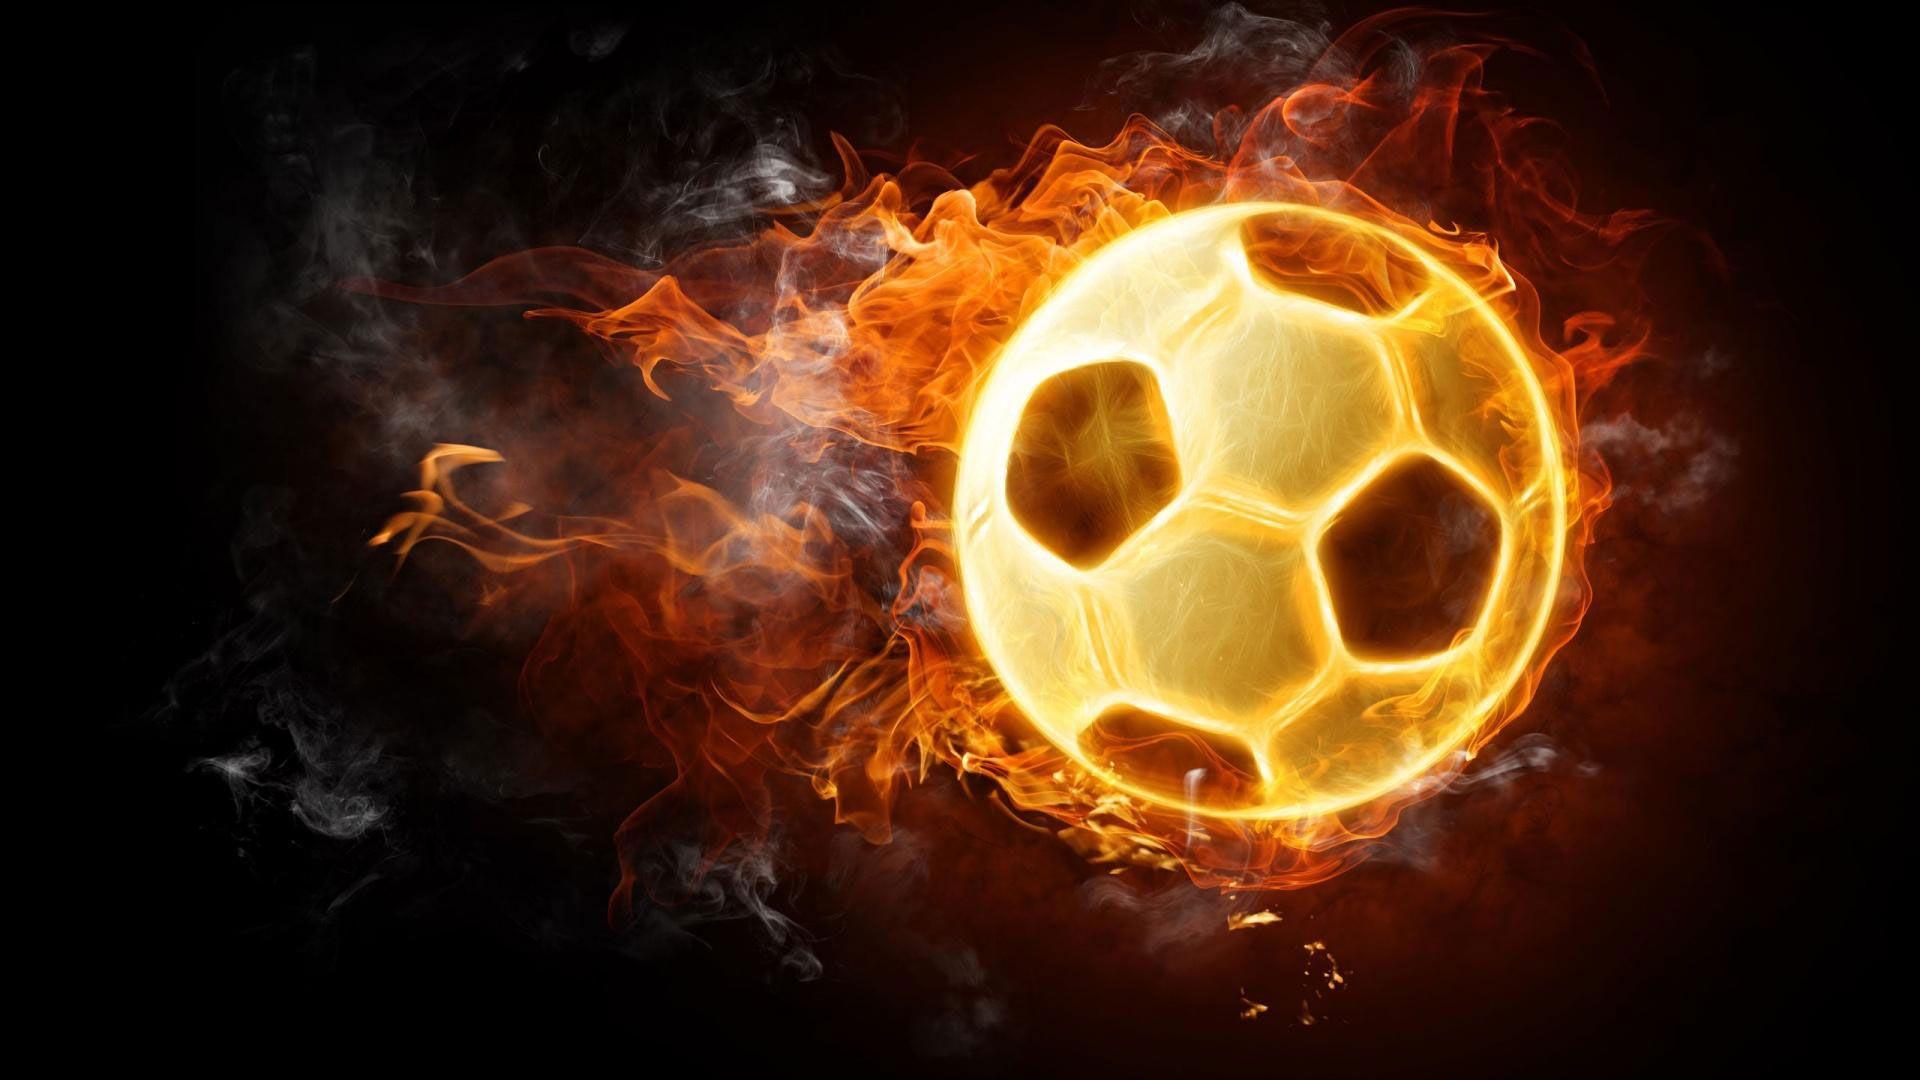 Hd Pics Photos Orange Football Fire Hd Desktop Background Wallpaper Soccer Ball Soccer Football Wallpaper